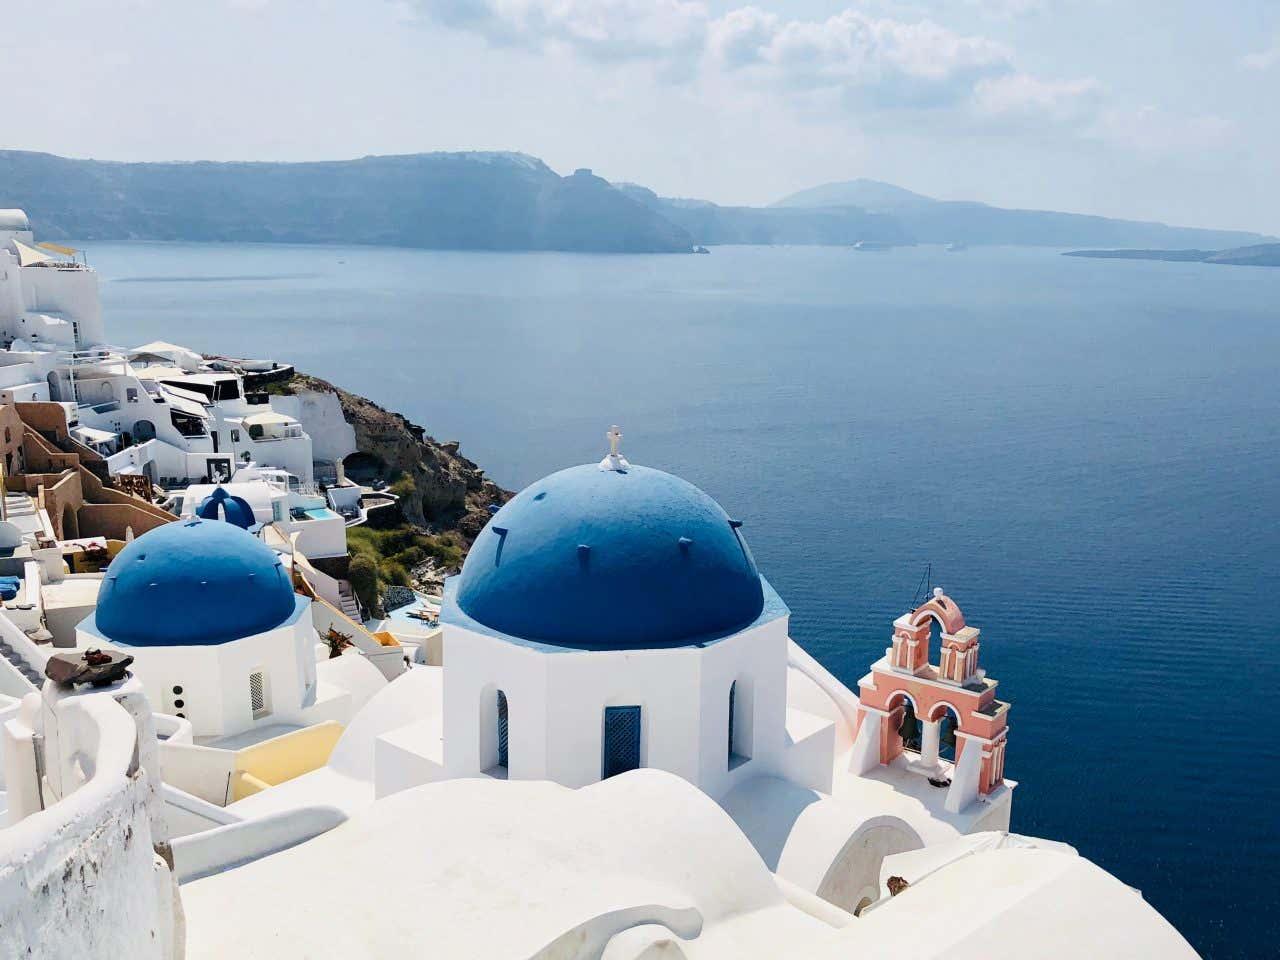 Panorámica de las típicas edificaciones blancas y azules de Santorini con el mar de fondo